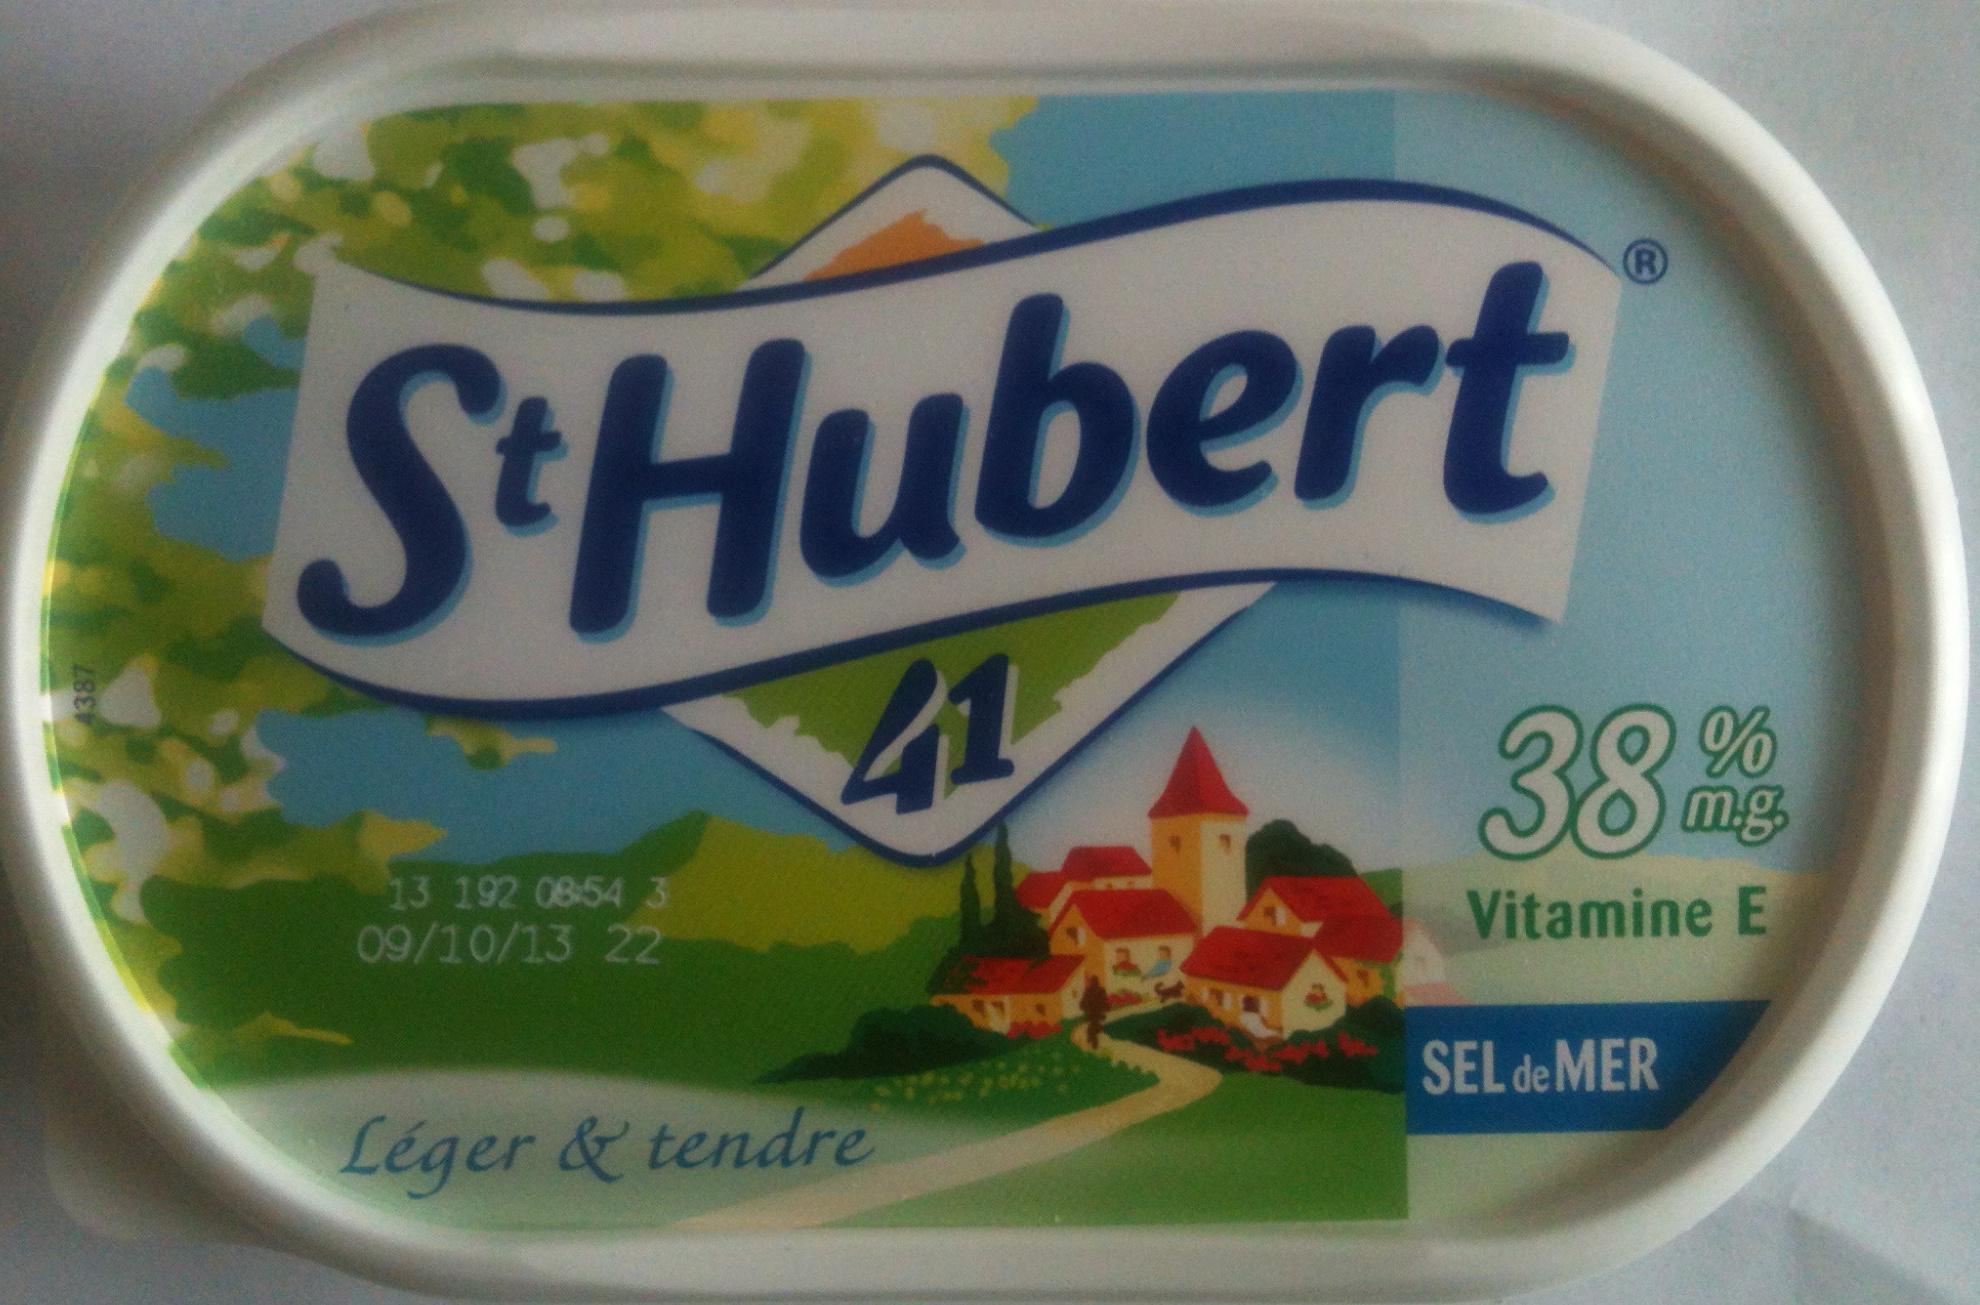 St Hubert 41 (Sel de Mer, Léger & tendre), (38 % MG)  - Product